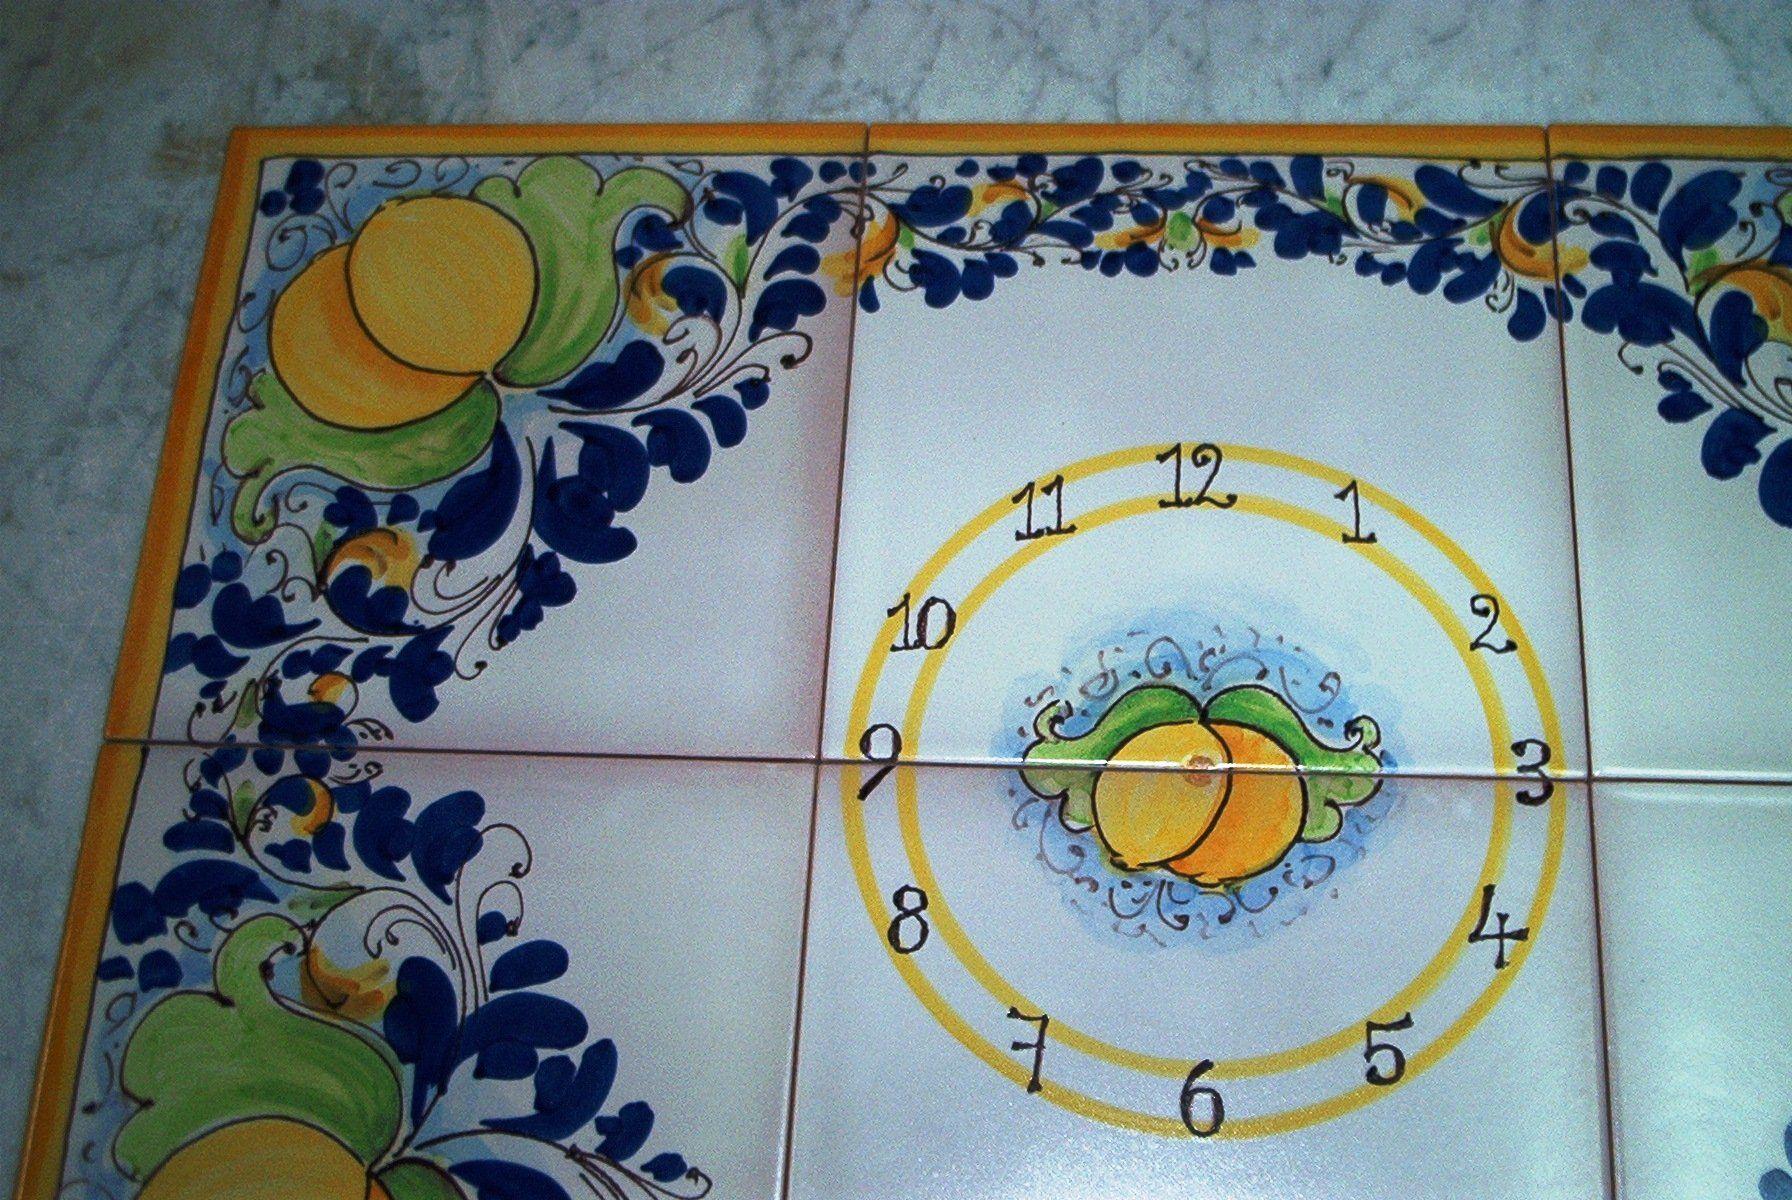 Pannello 15x45 orologio con limoni in maiolica ceramiche artistiche